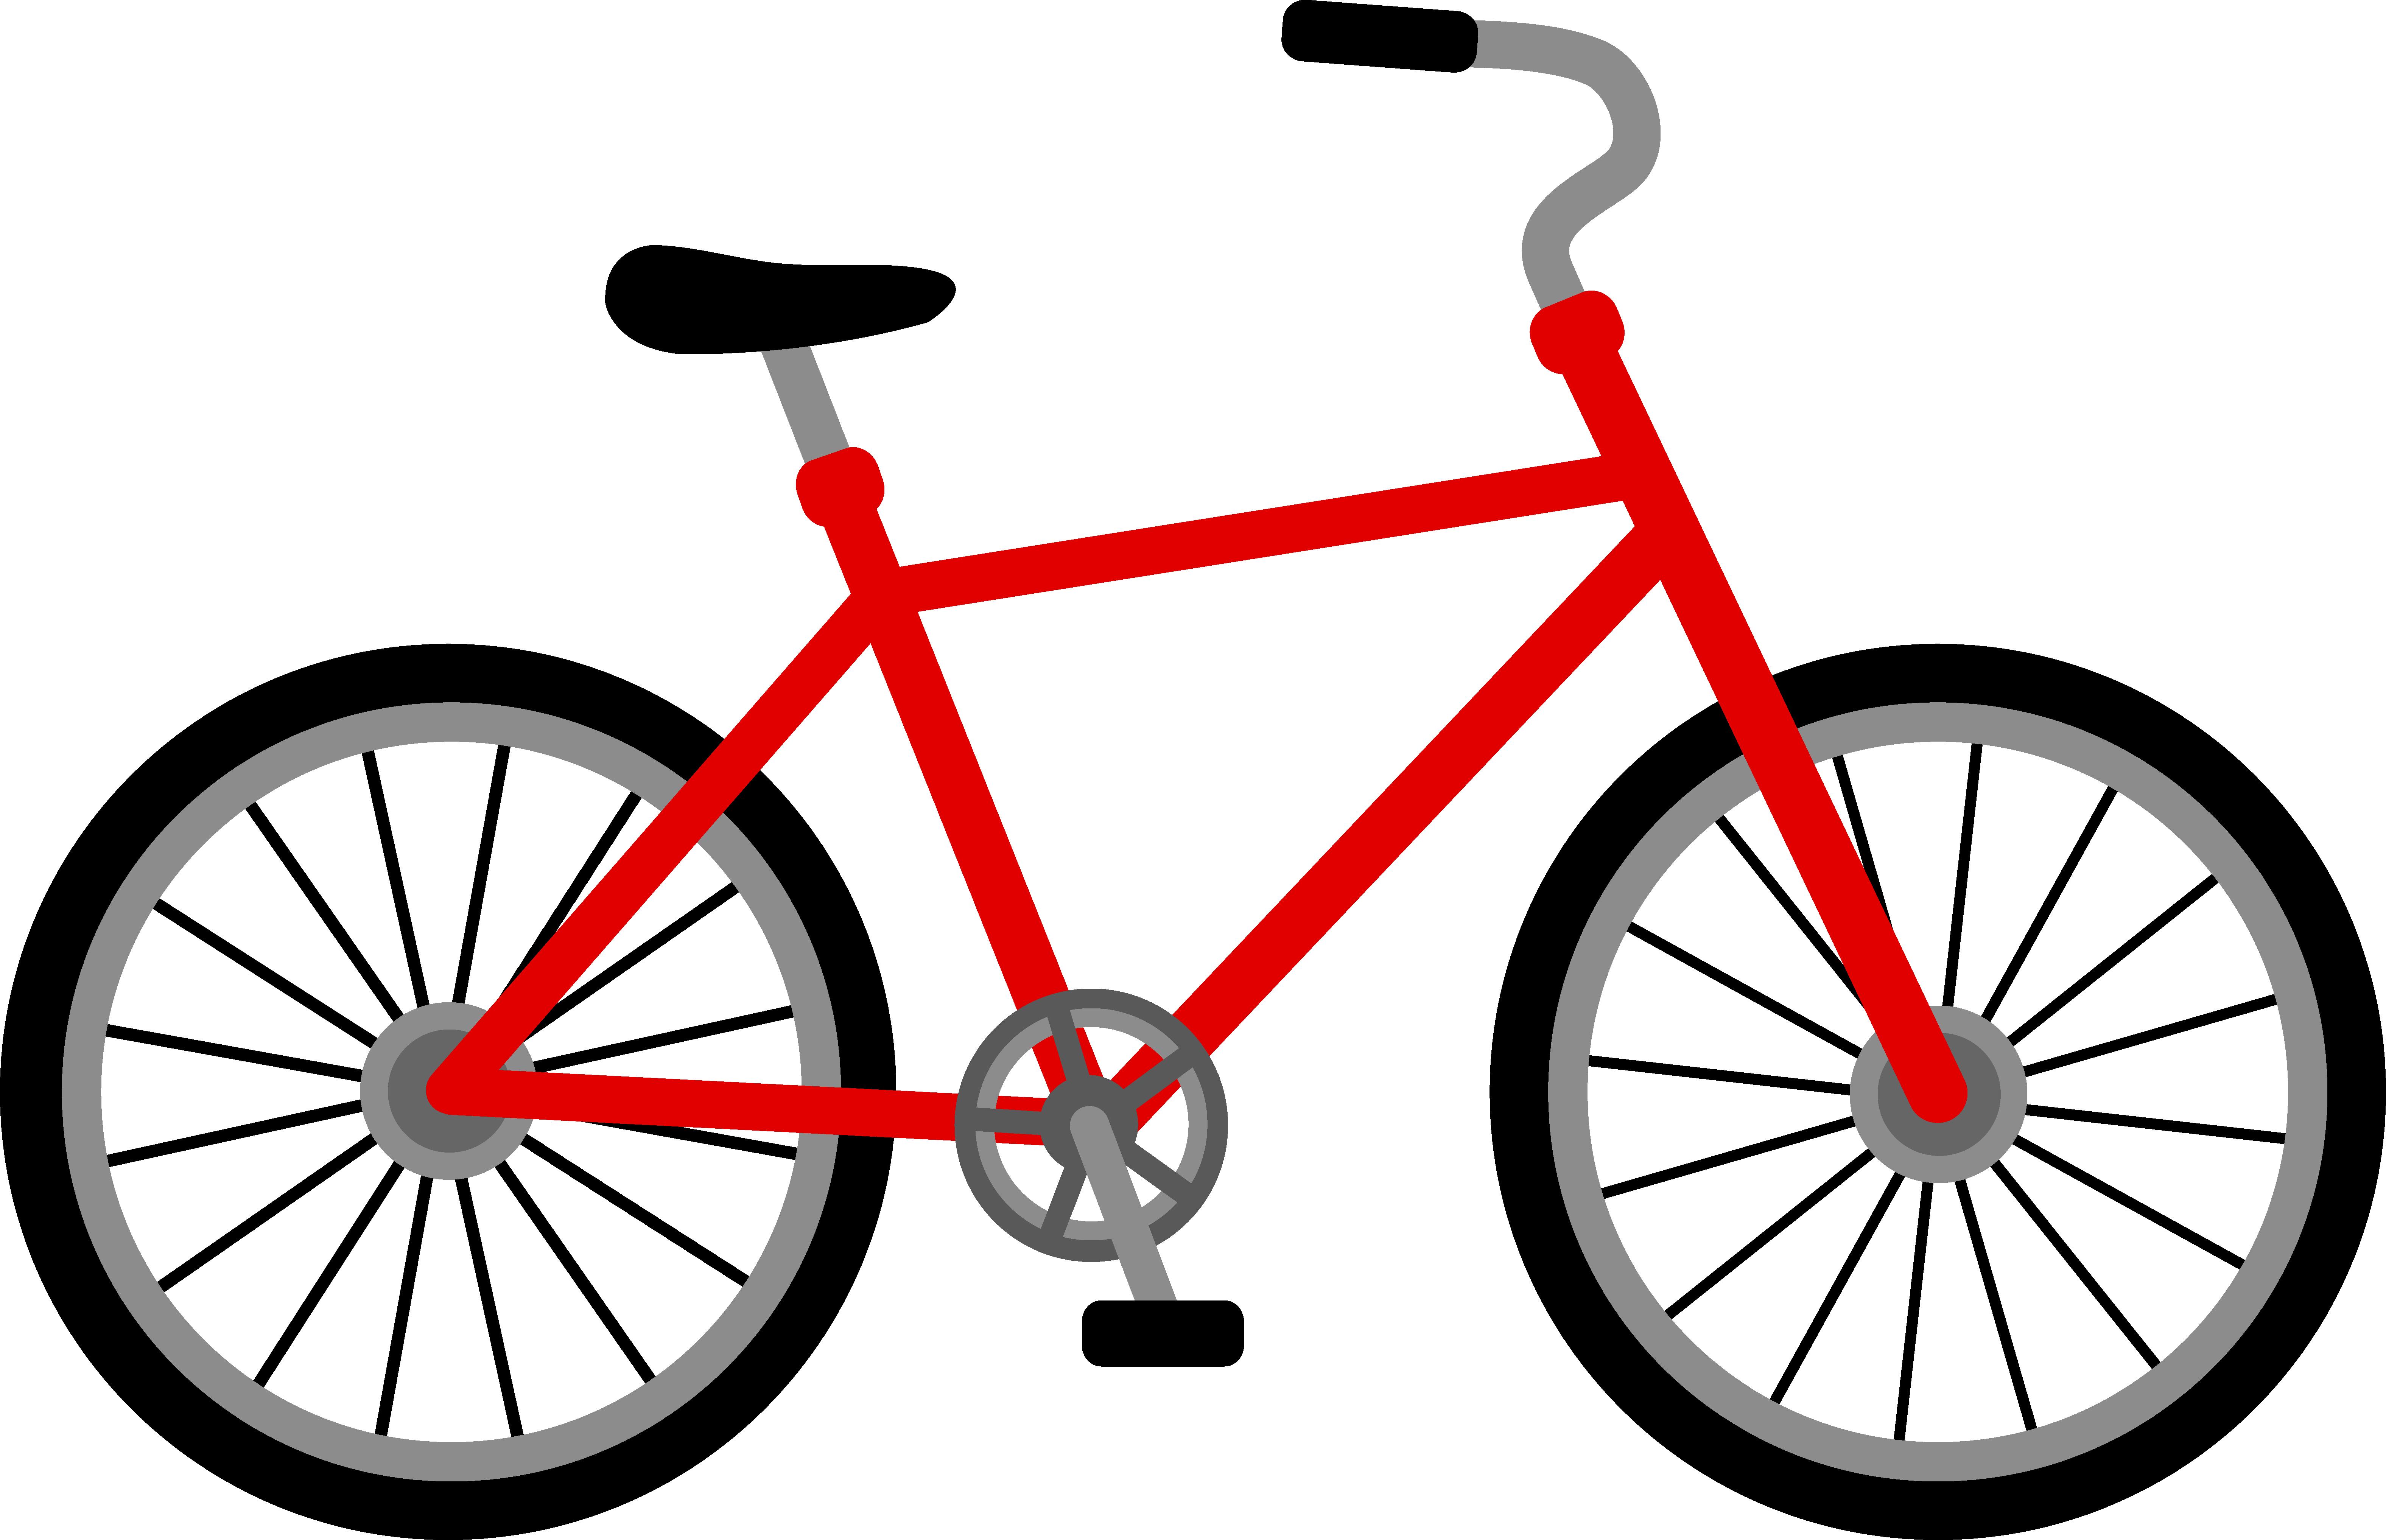 cycle clipart u0026middot; bike clipart